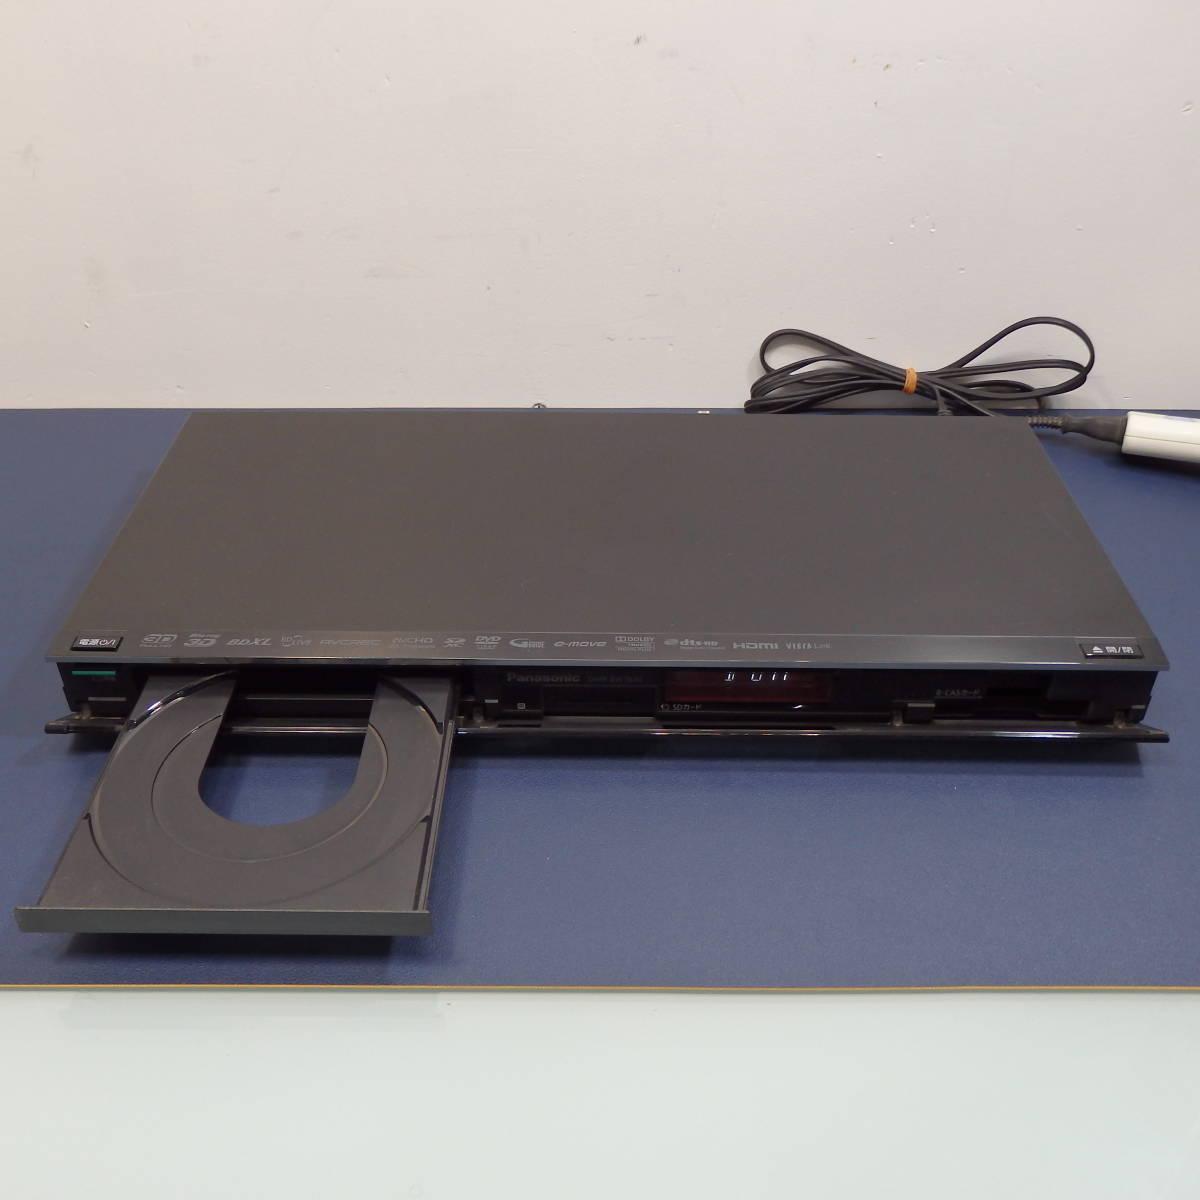 中古良品♪ Panasonic HDD & Blu-ray DIGA 1TB DMR-BWT620 12年製 パナソニック 2チューナー DVD ブルーレイ レコーダー 純正リモコン_画像2